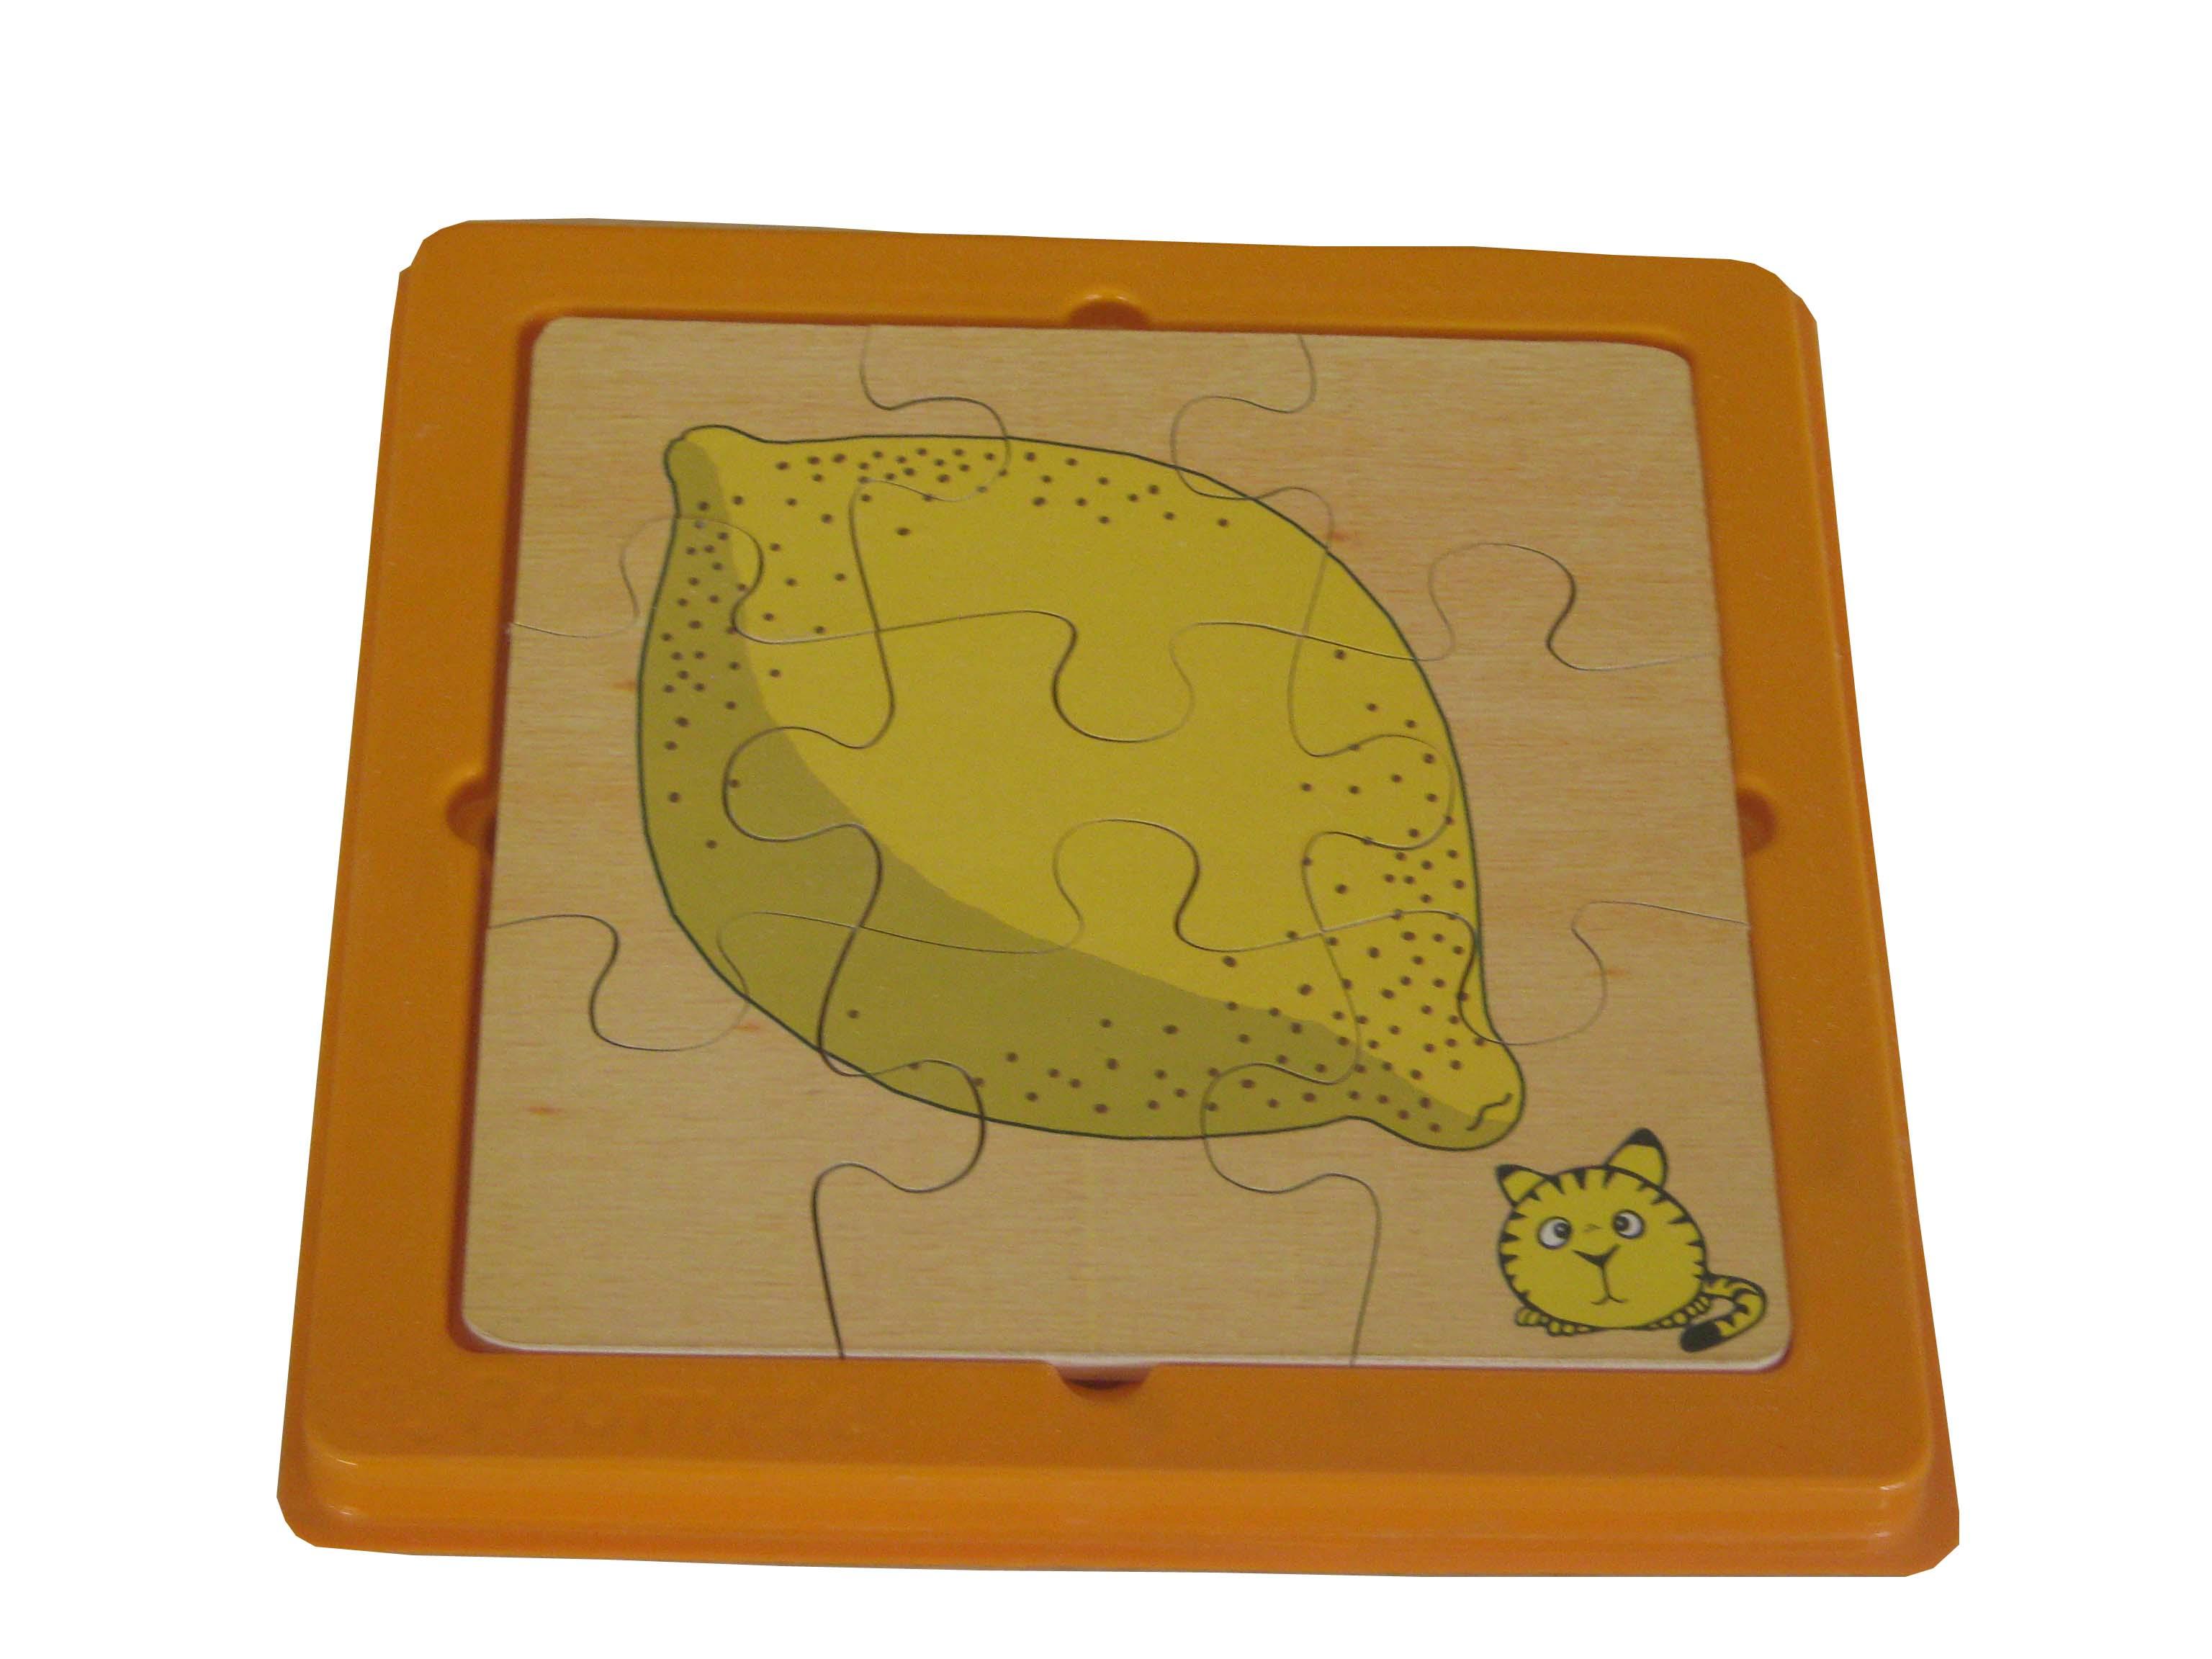 2 Katlı Puzzle Limon Promete Okul öncesi Eğitim Araçları